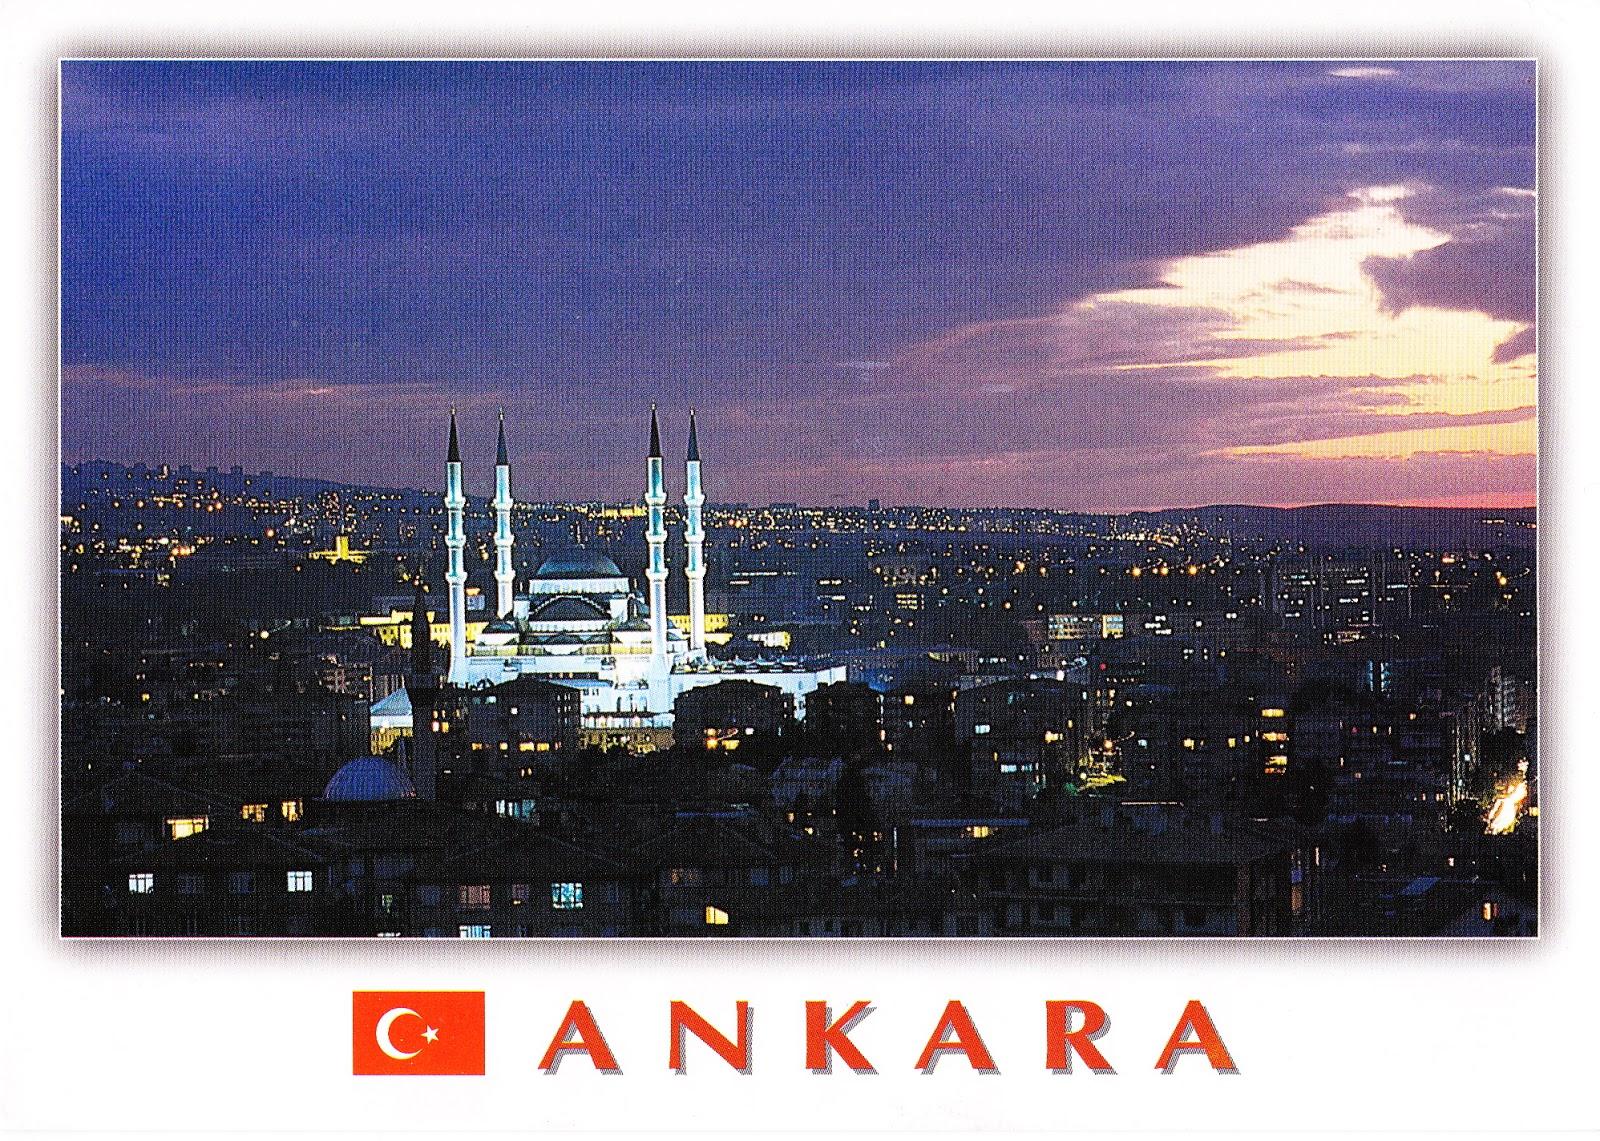 Pošalji mi razglednicu, neću SMS, po azbuci - Page 5 Ankara,+17.05.2013